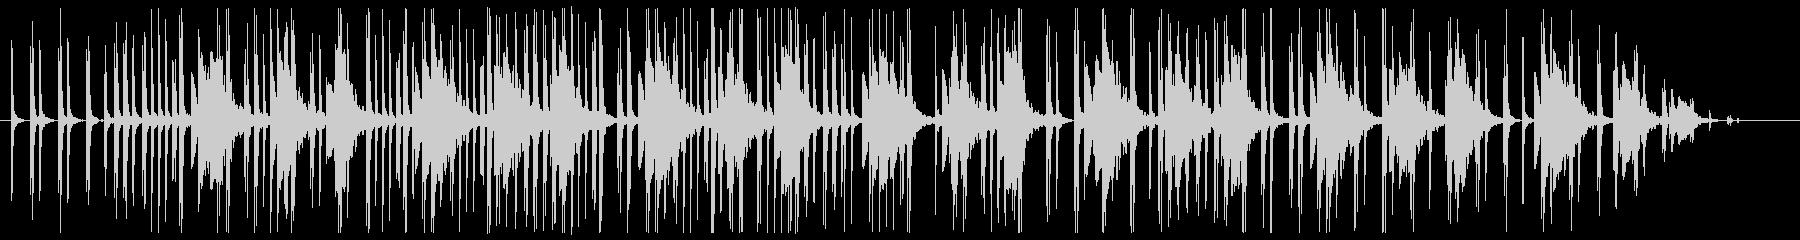 ピタゴラスイッチ的ミニマルでシンプル楽曲の未再生の波形